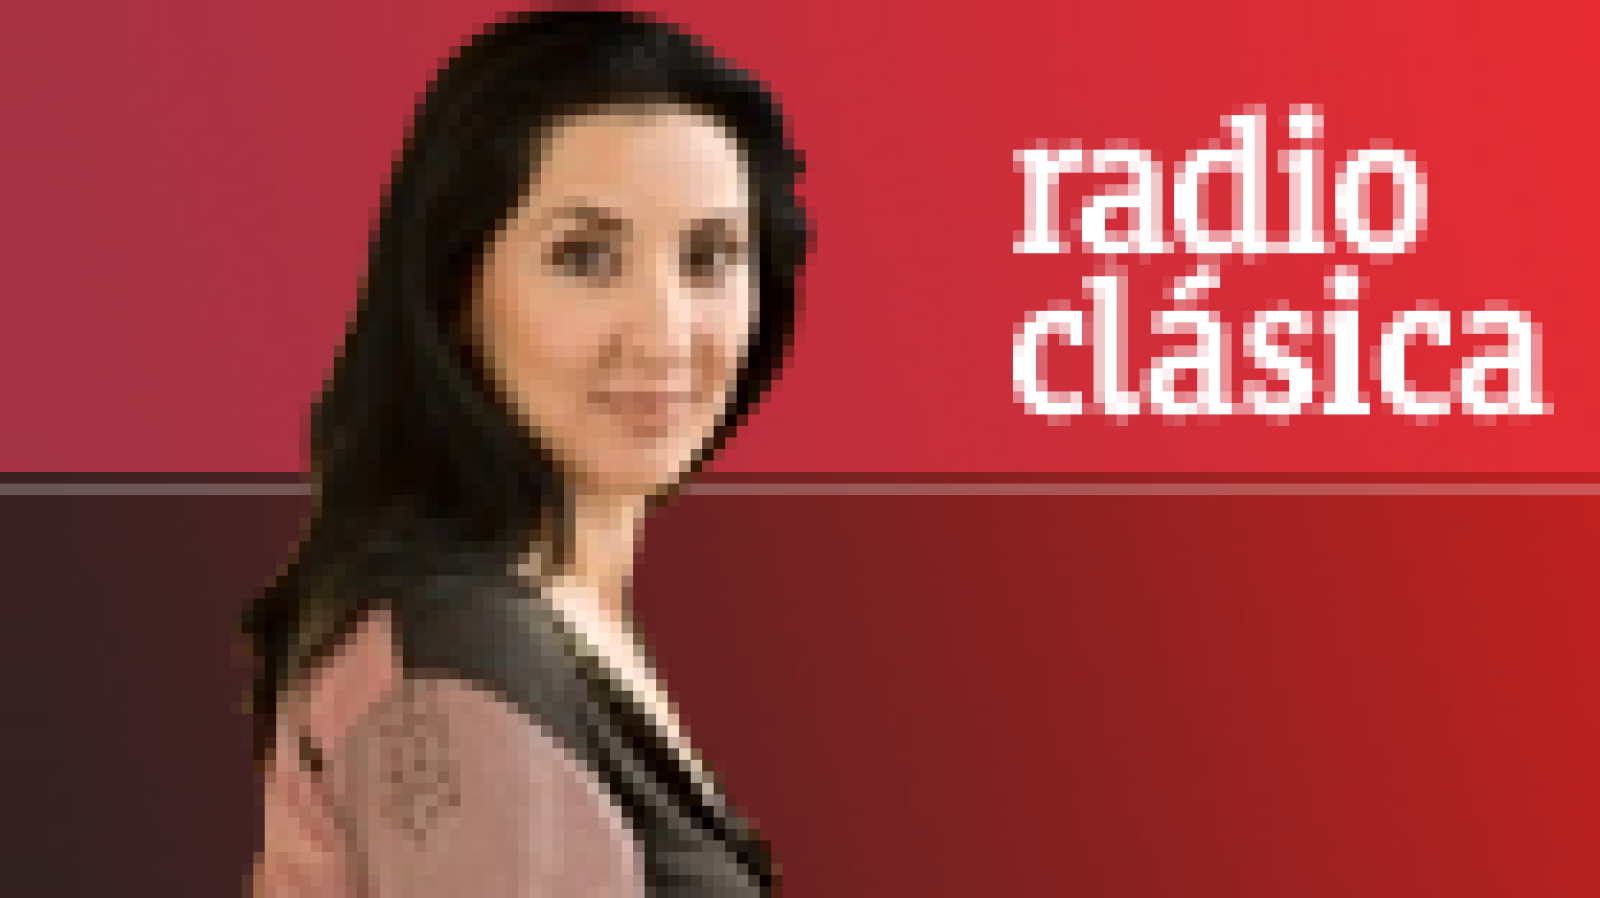 Radiofonías - Resonantes III: Más aportaciones a Resonoser - 16/11/12 - Escuchar ahora